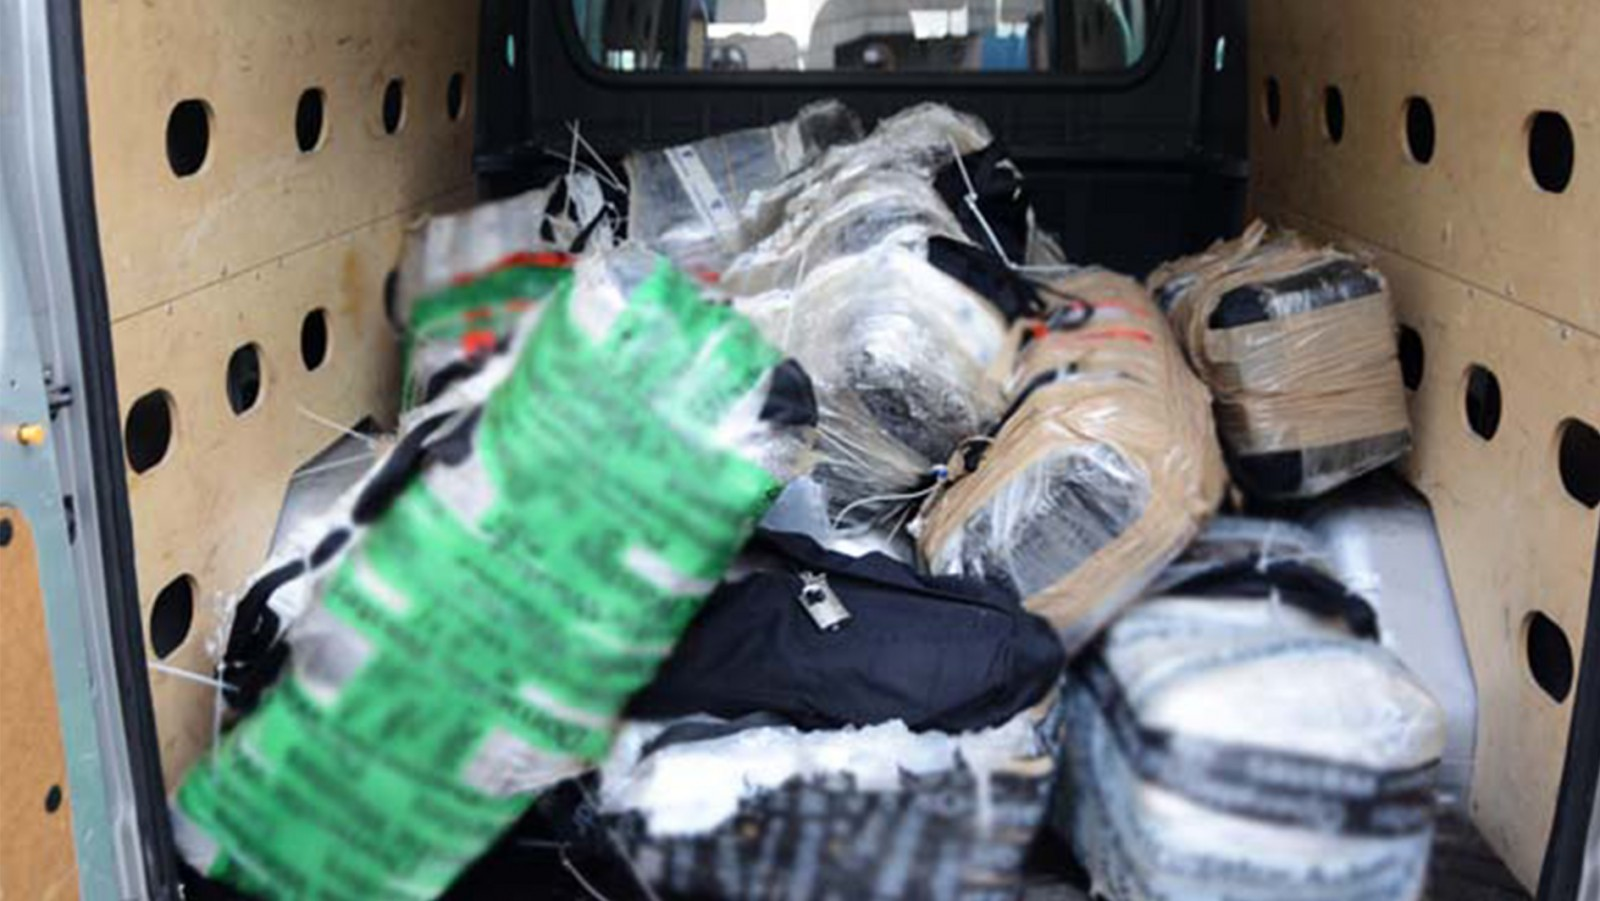 Landelijk Parket Rotterdam : Zeven jaar cel voor kapitein voor cocaïnesmokkel nh nieuws